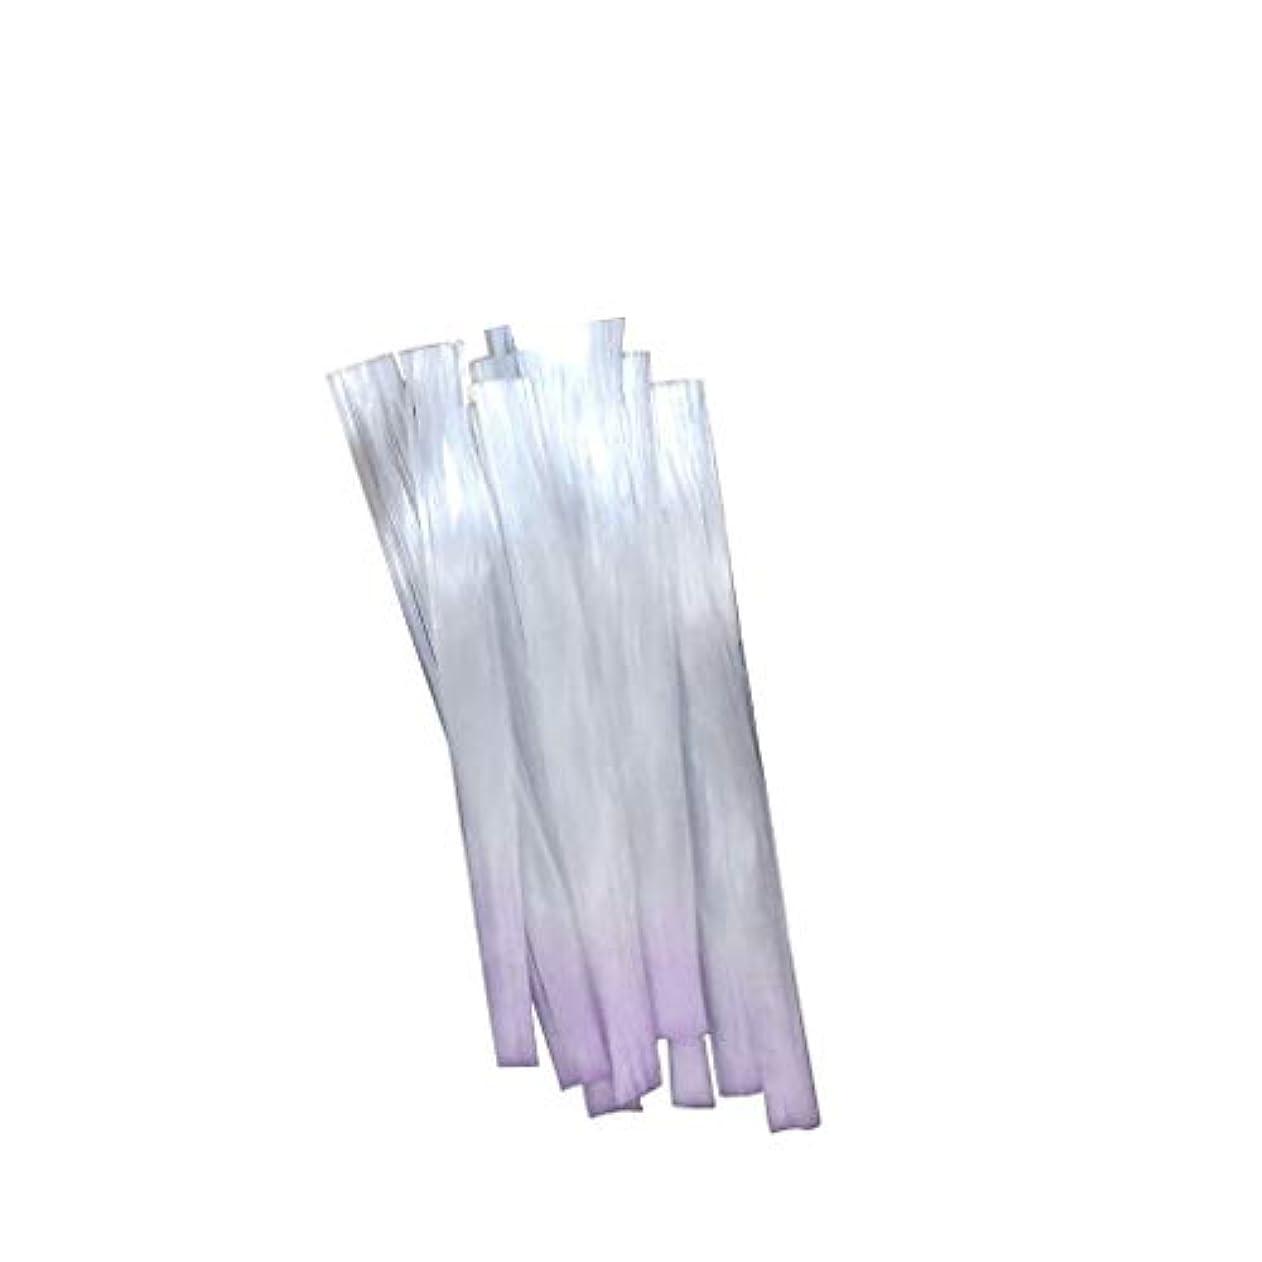 成功する瞳煙突ジェルネイル グリッター ポリッシュ カラーセット グラスファイバー ネイルサロン ファイバーグラスネイル フォーエクステンション シャオメイスター